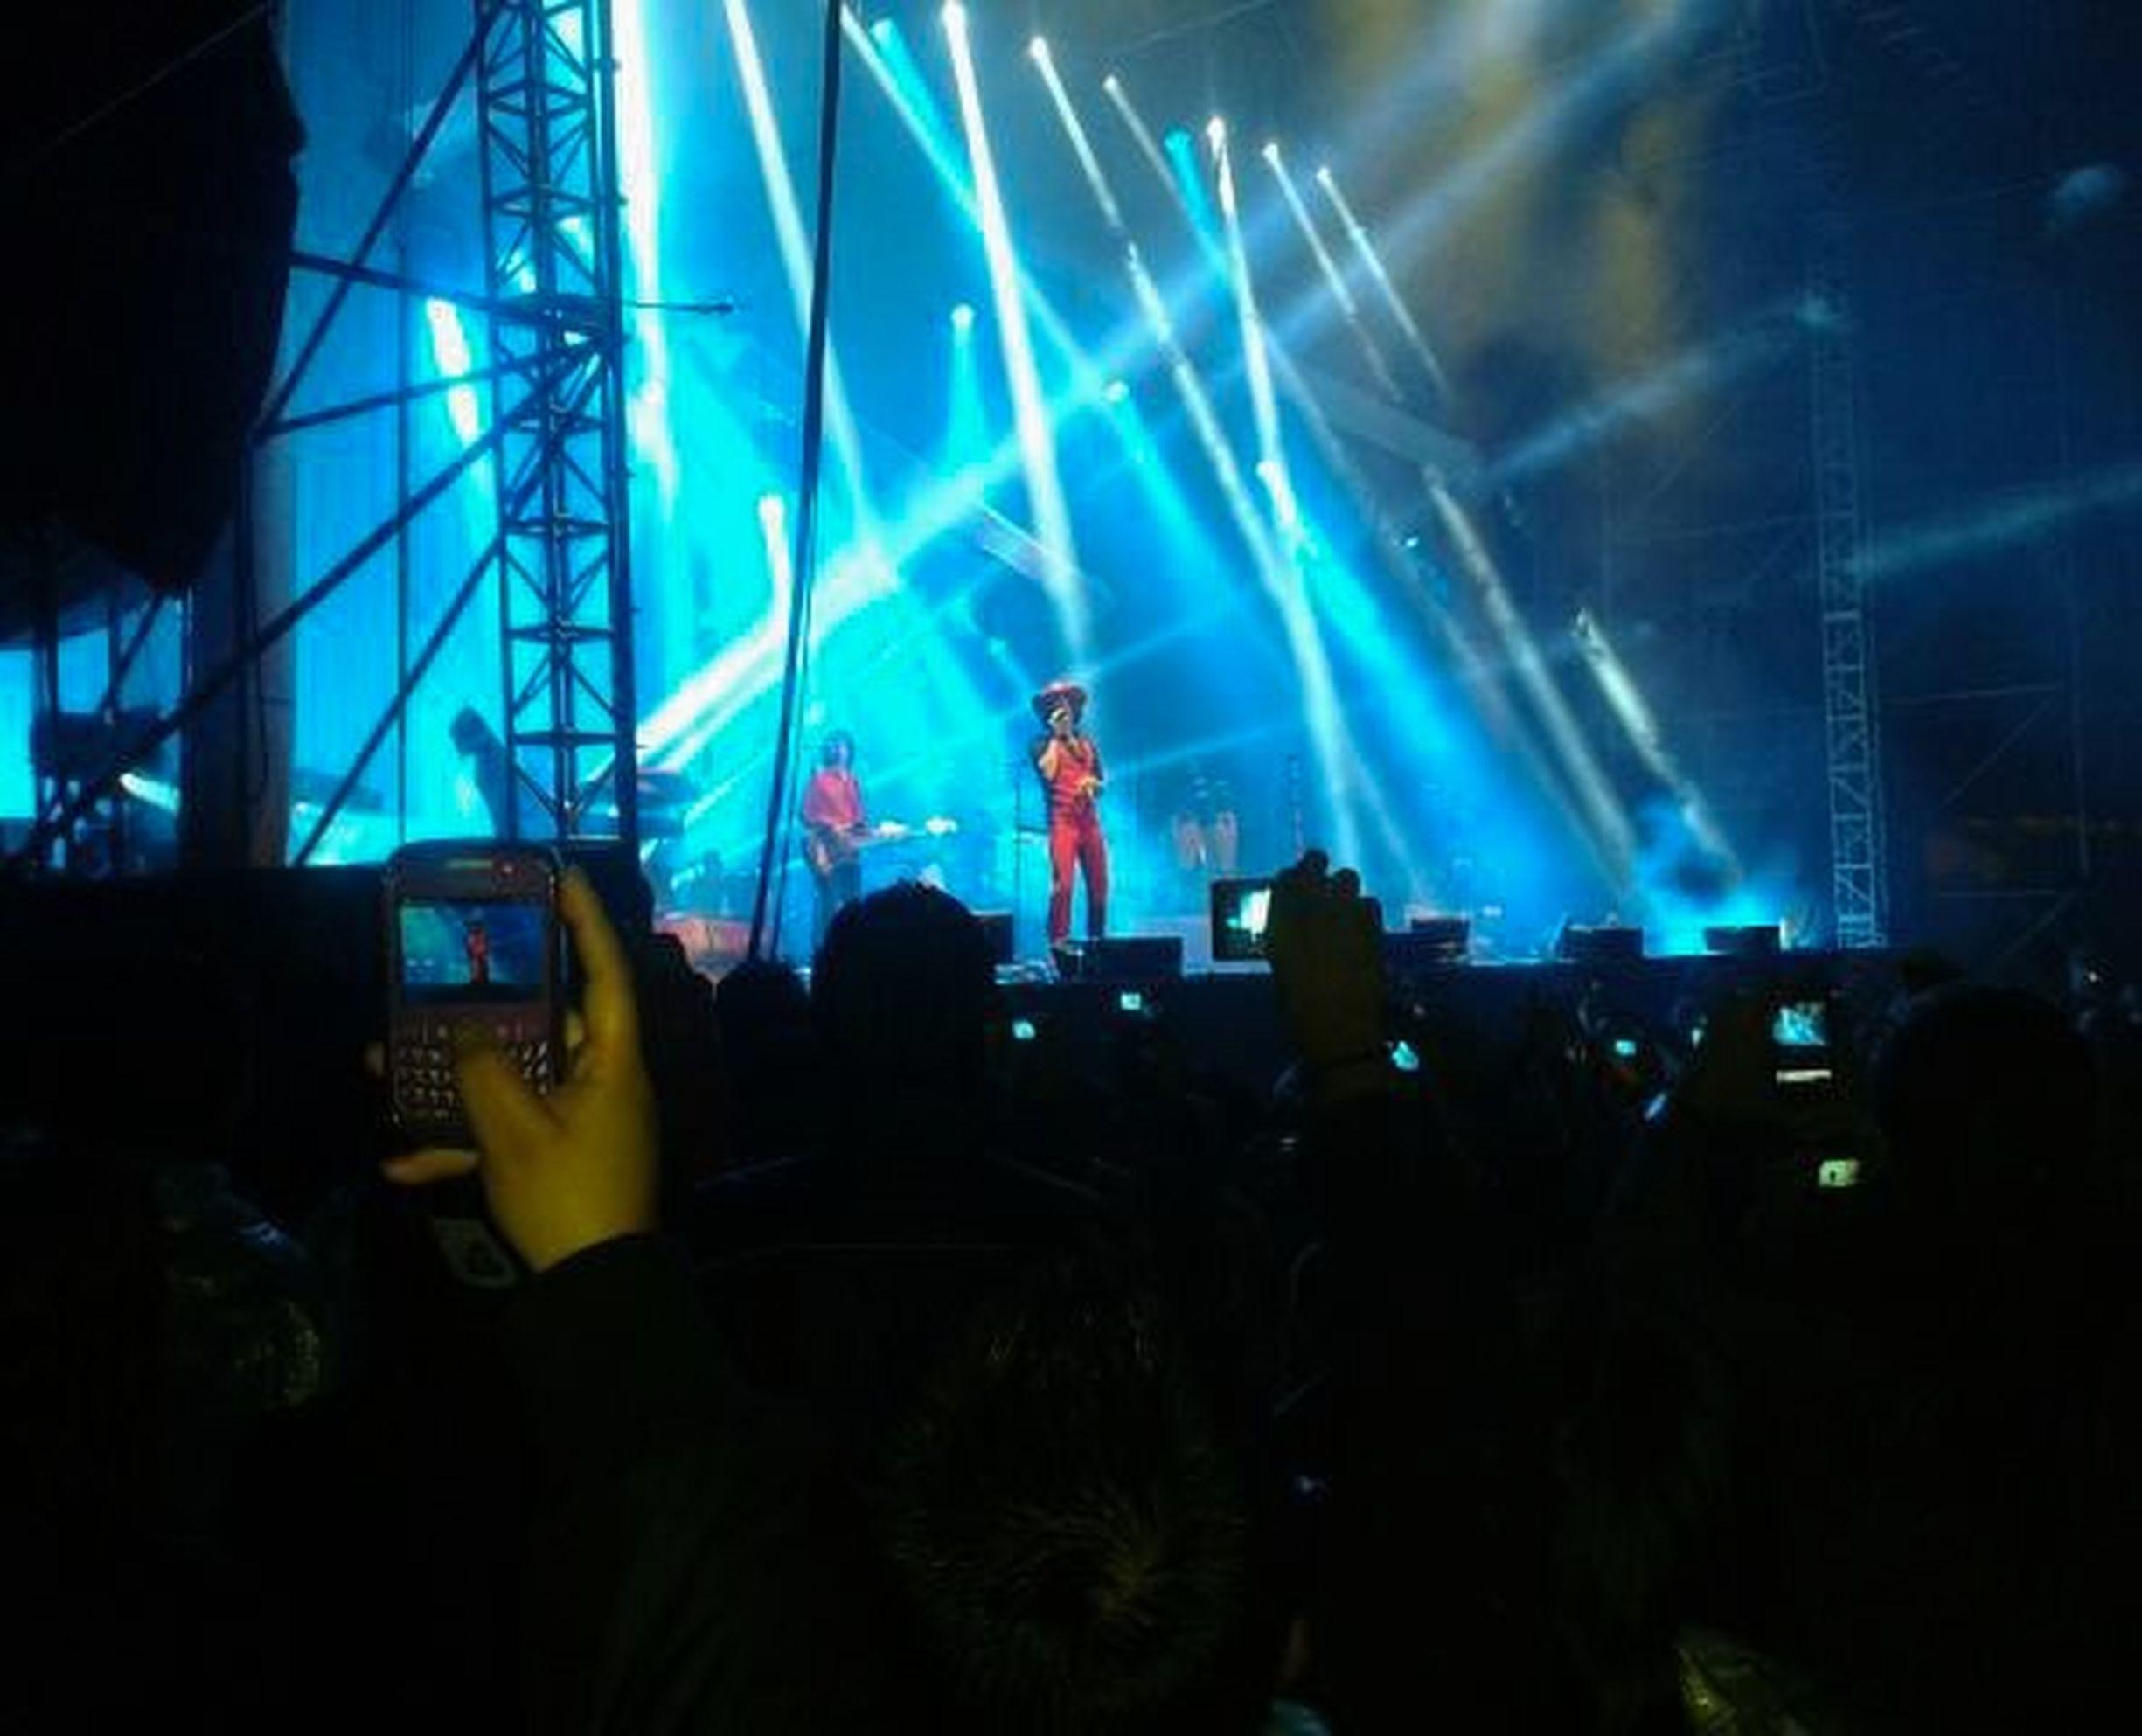 The Fan Club Taking Photos Concert Photography Enrique Bunbury Puebla LicenciadoCantinas OpenEdit